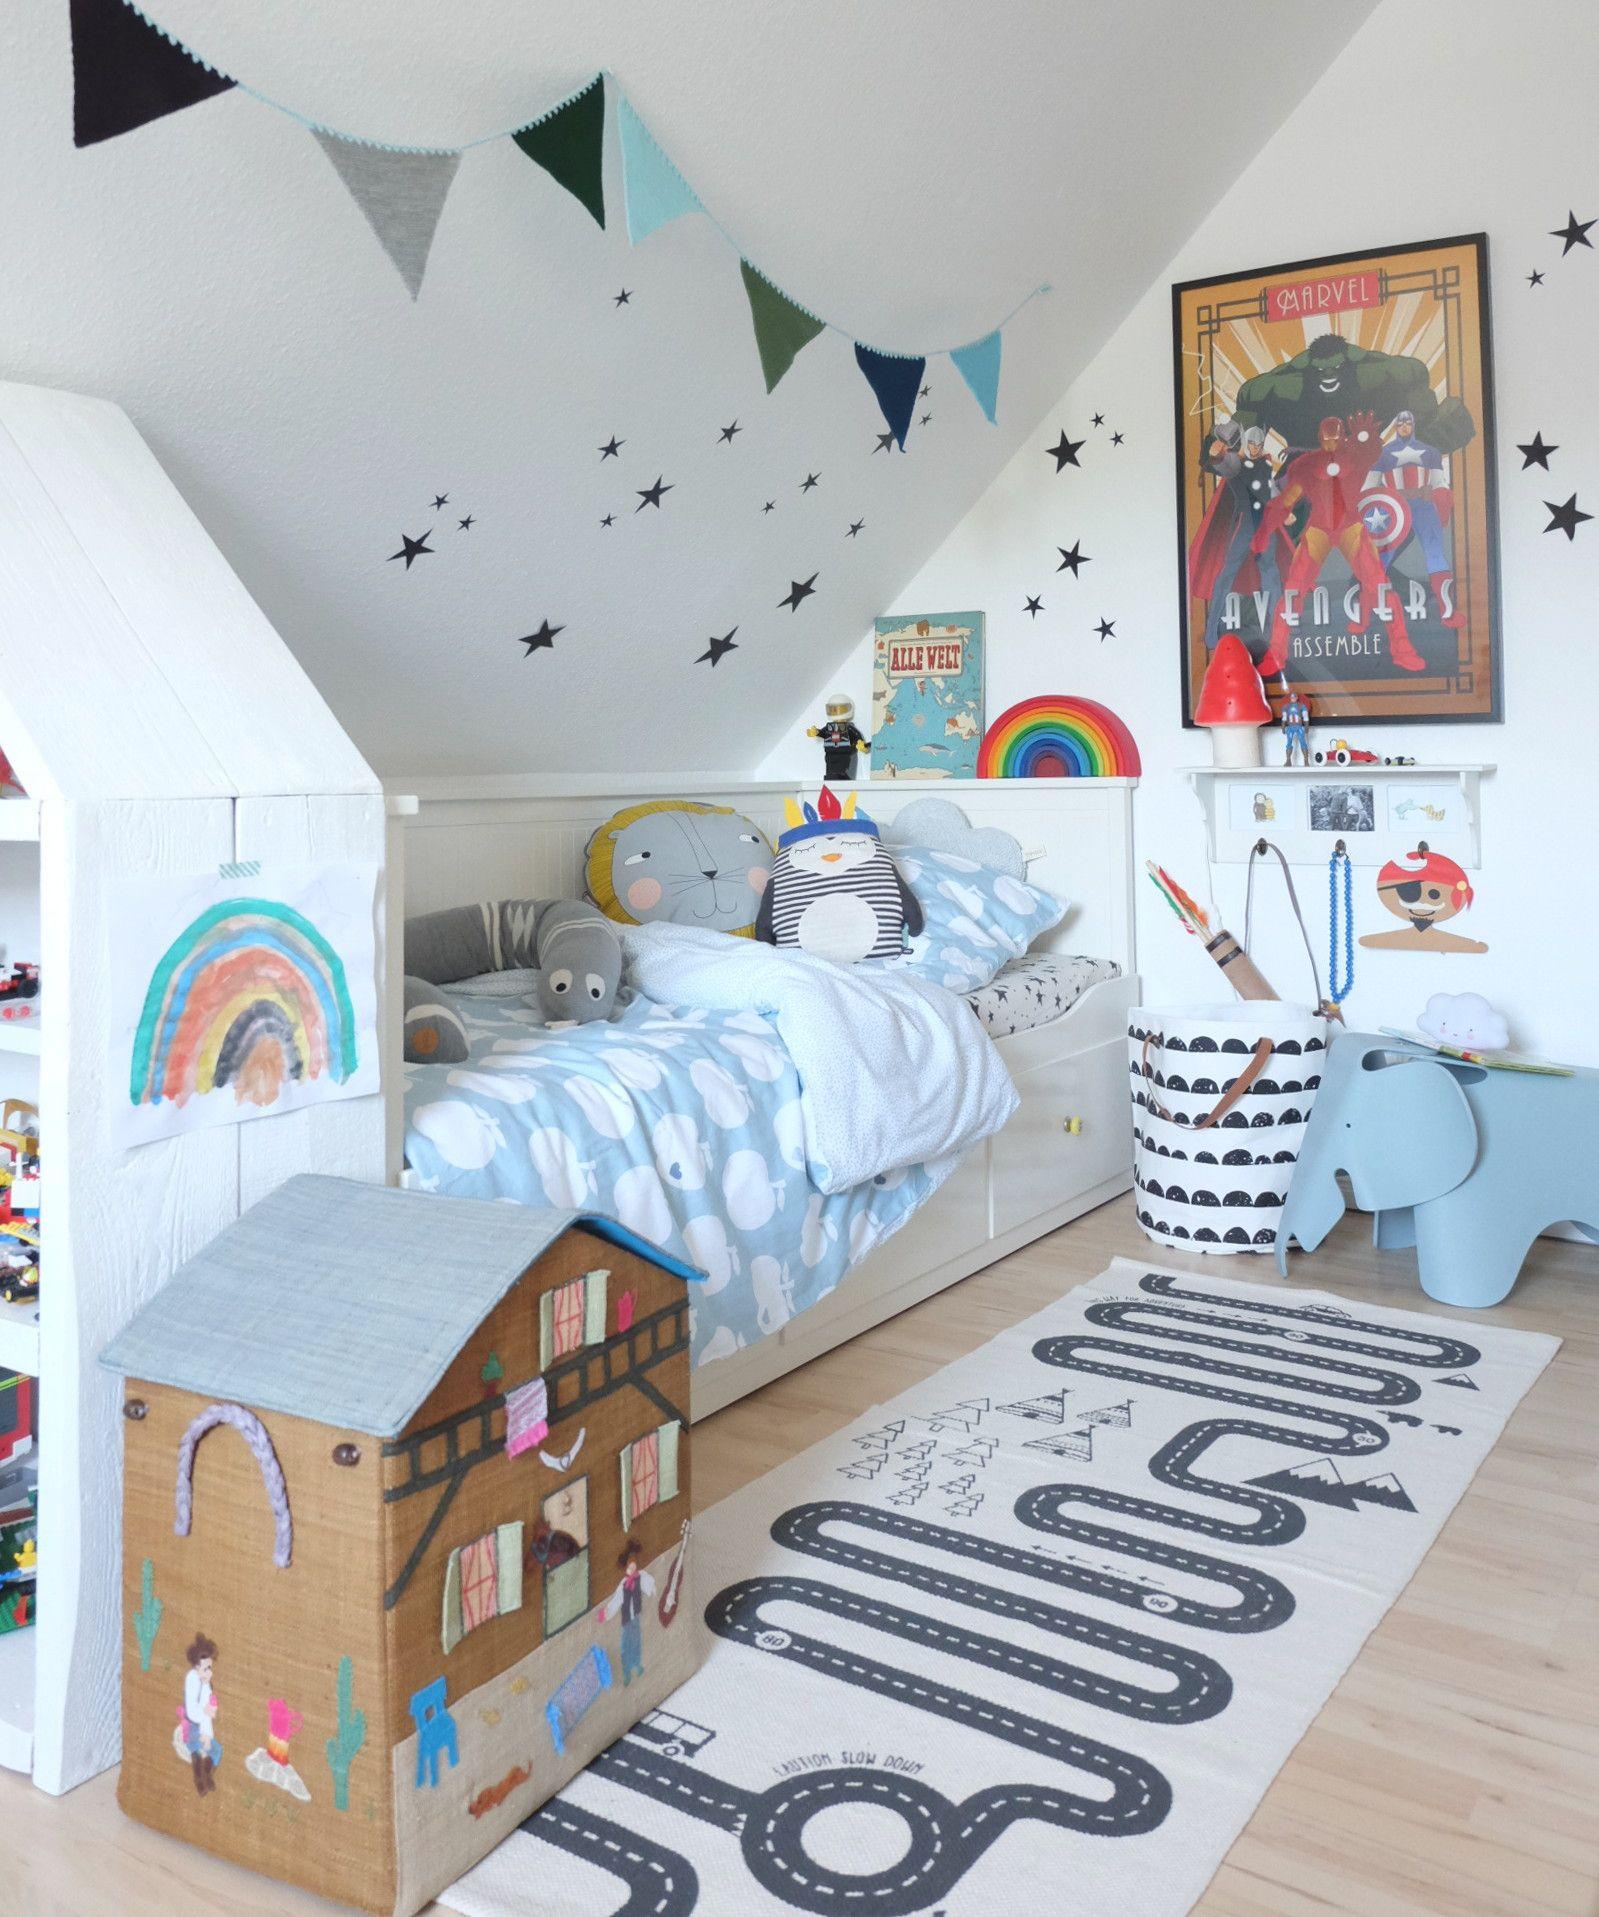 Platz für kinder, jungen und mädchen werbung  kinderzimmer styling u dekorieren mit viel platz für